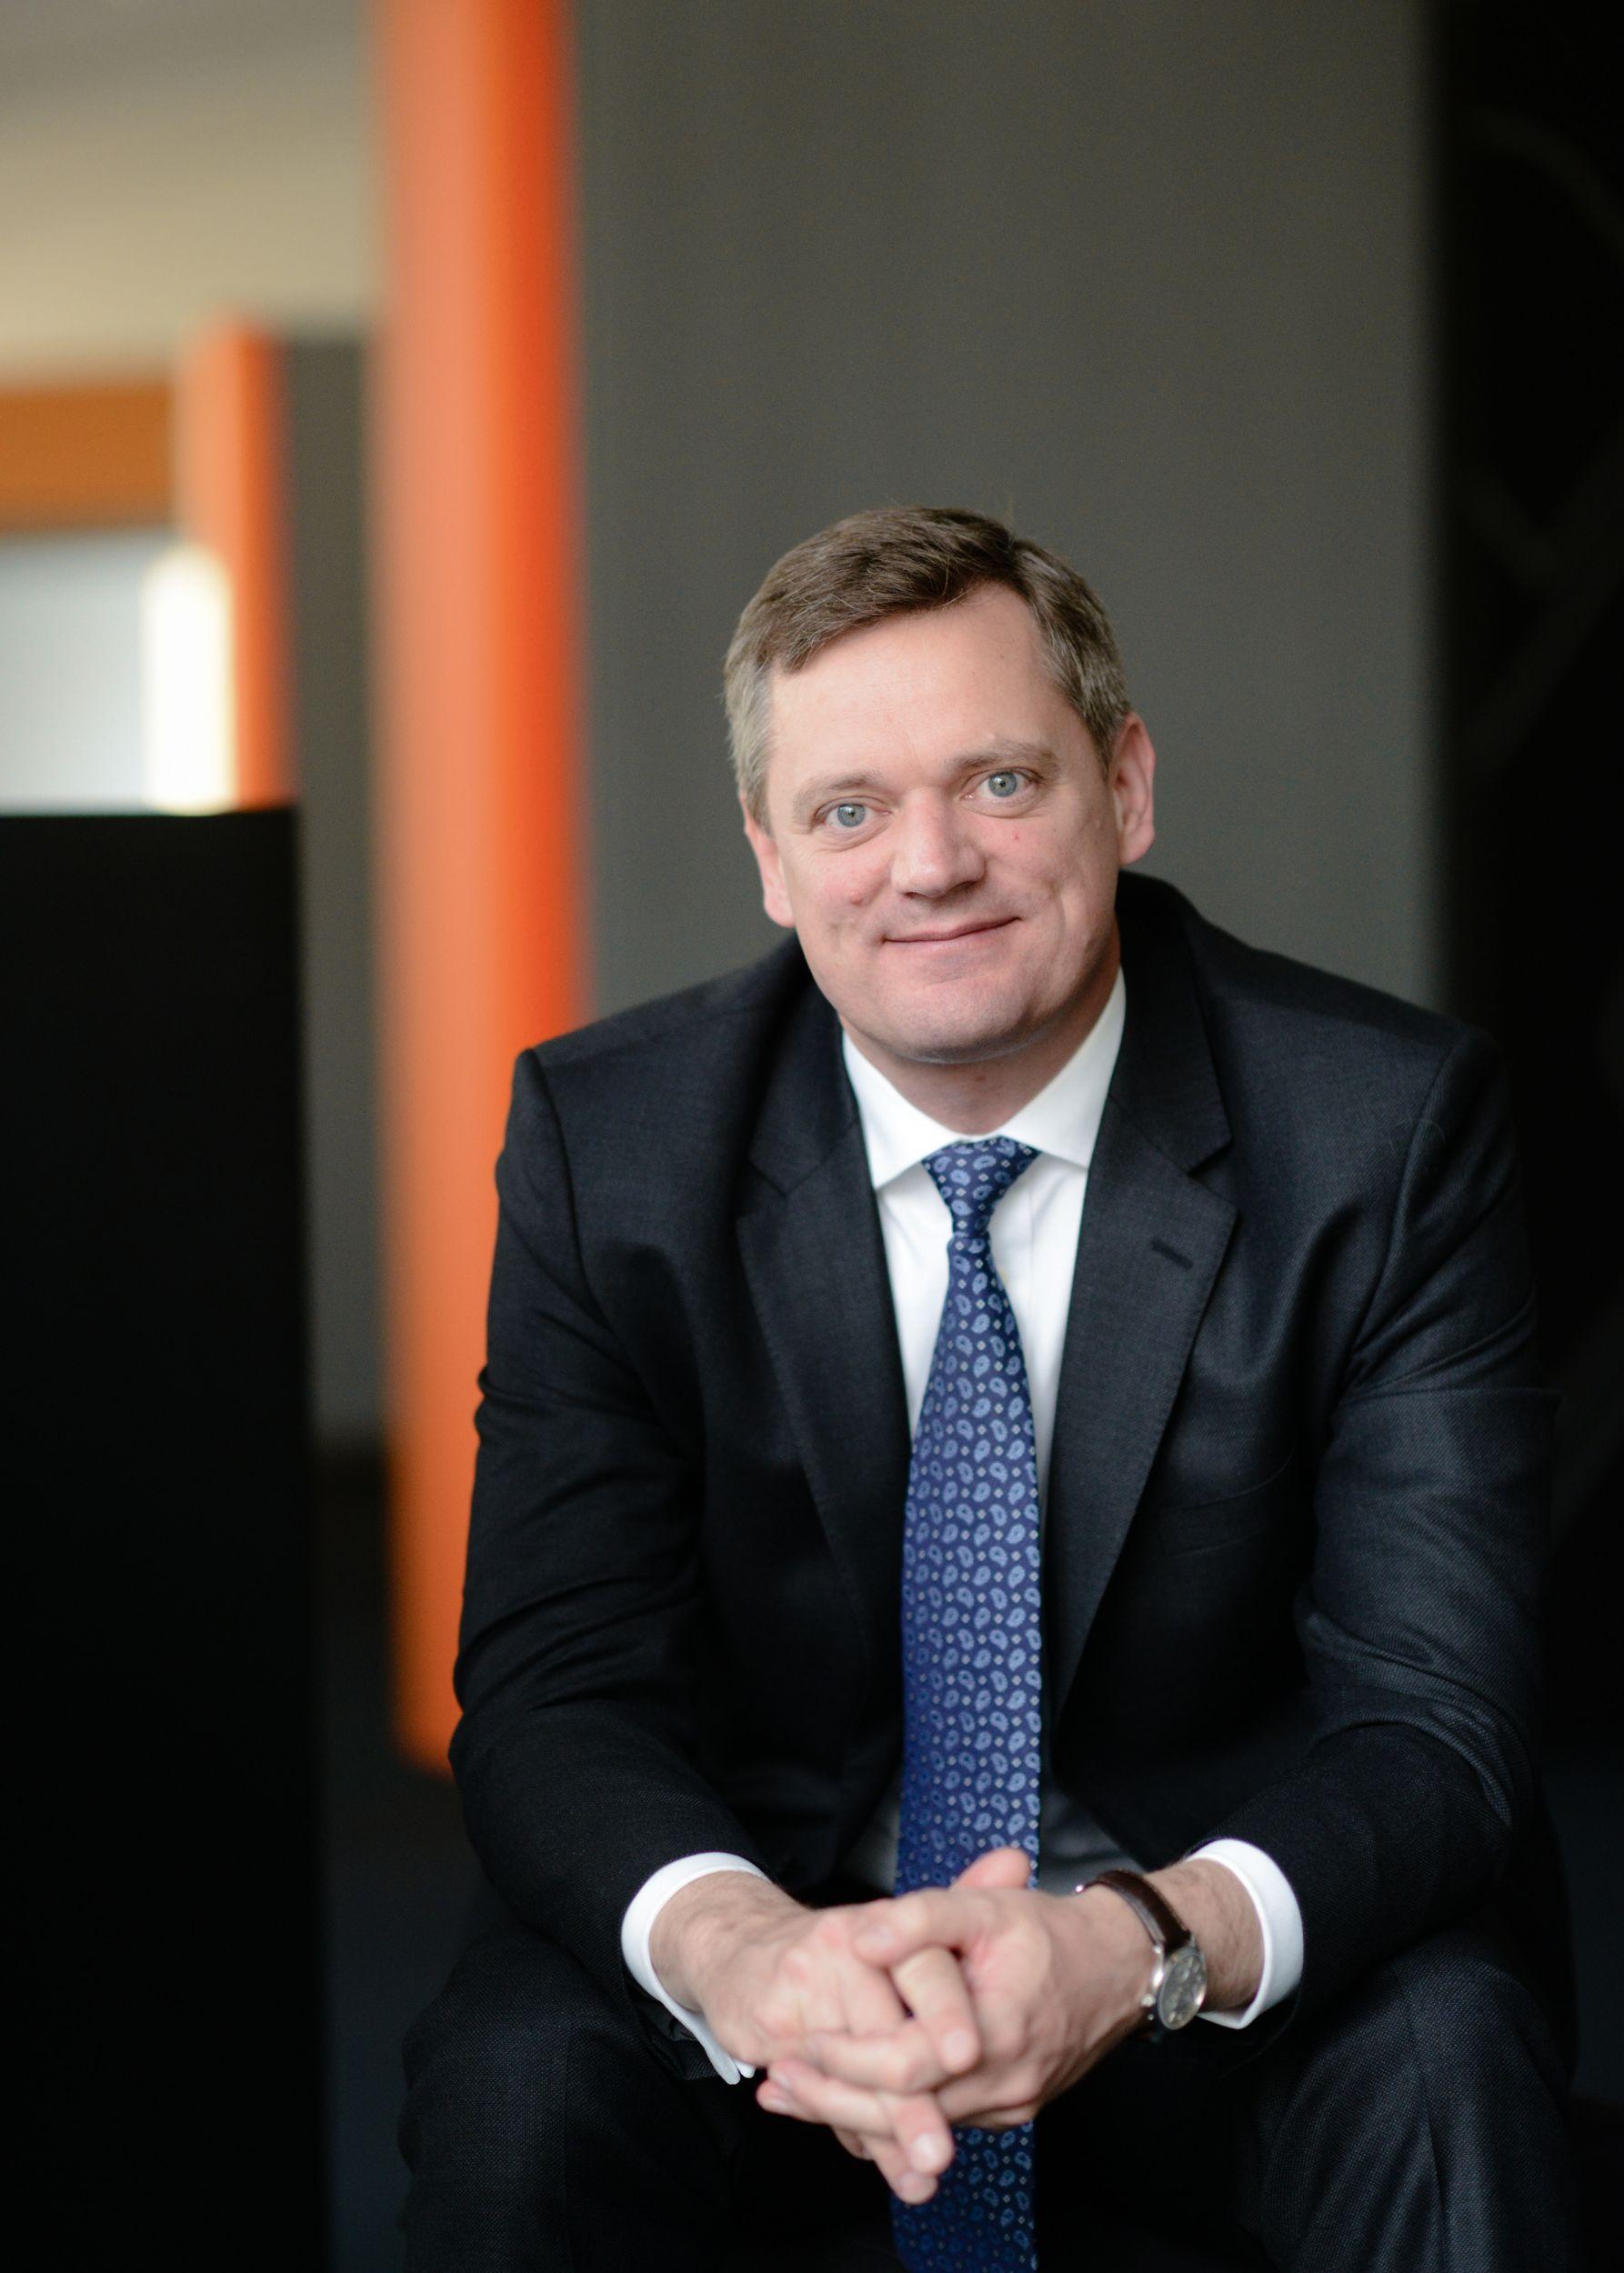 Jörg Timmermann in ZVEI-Vorstand gewählt